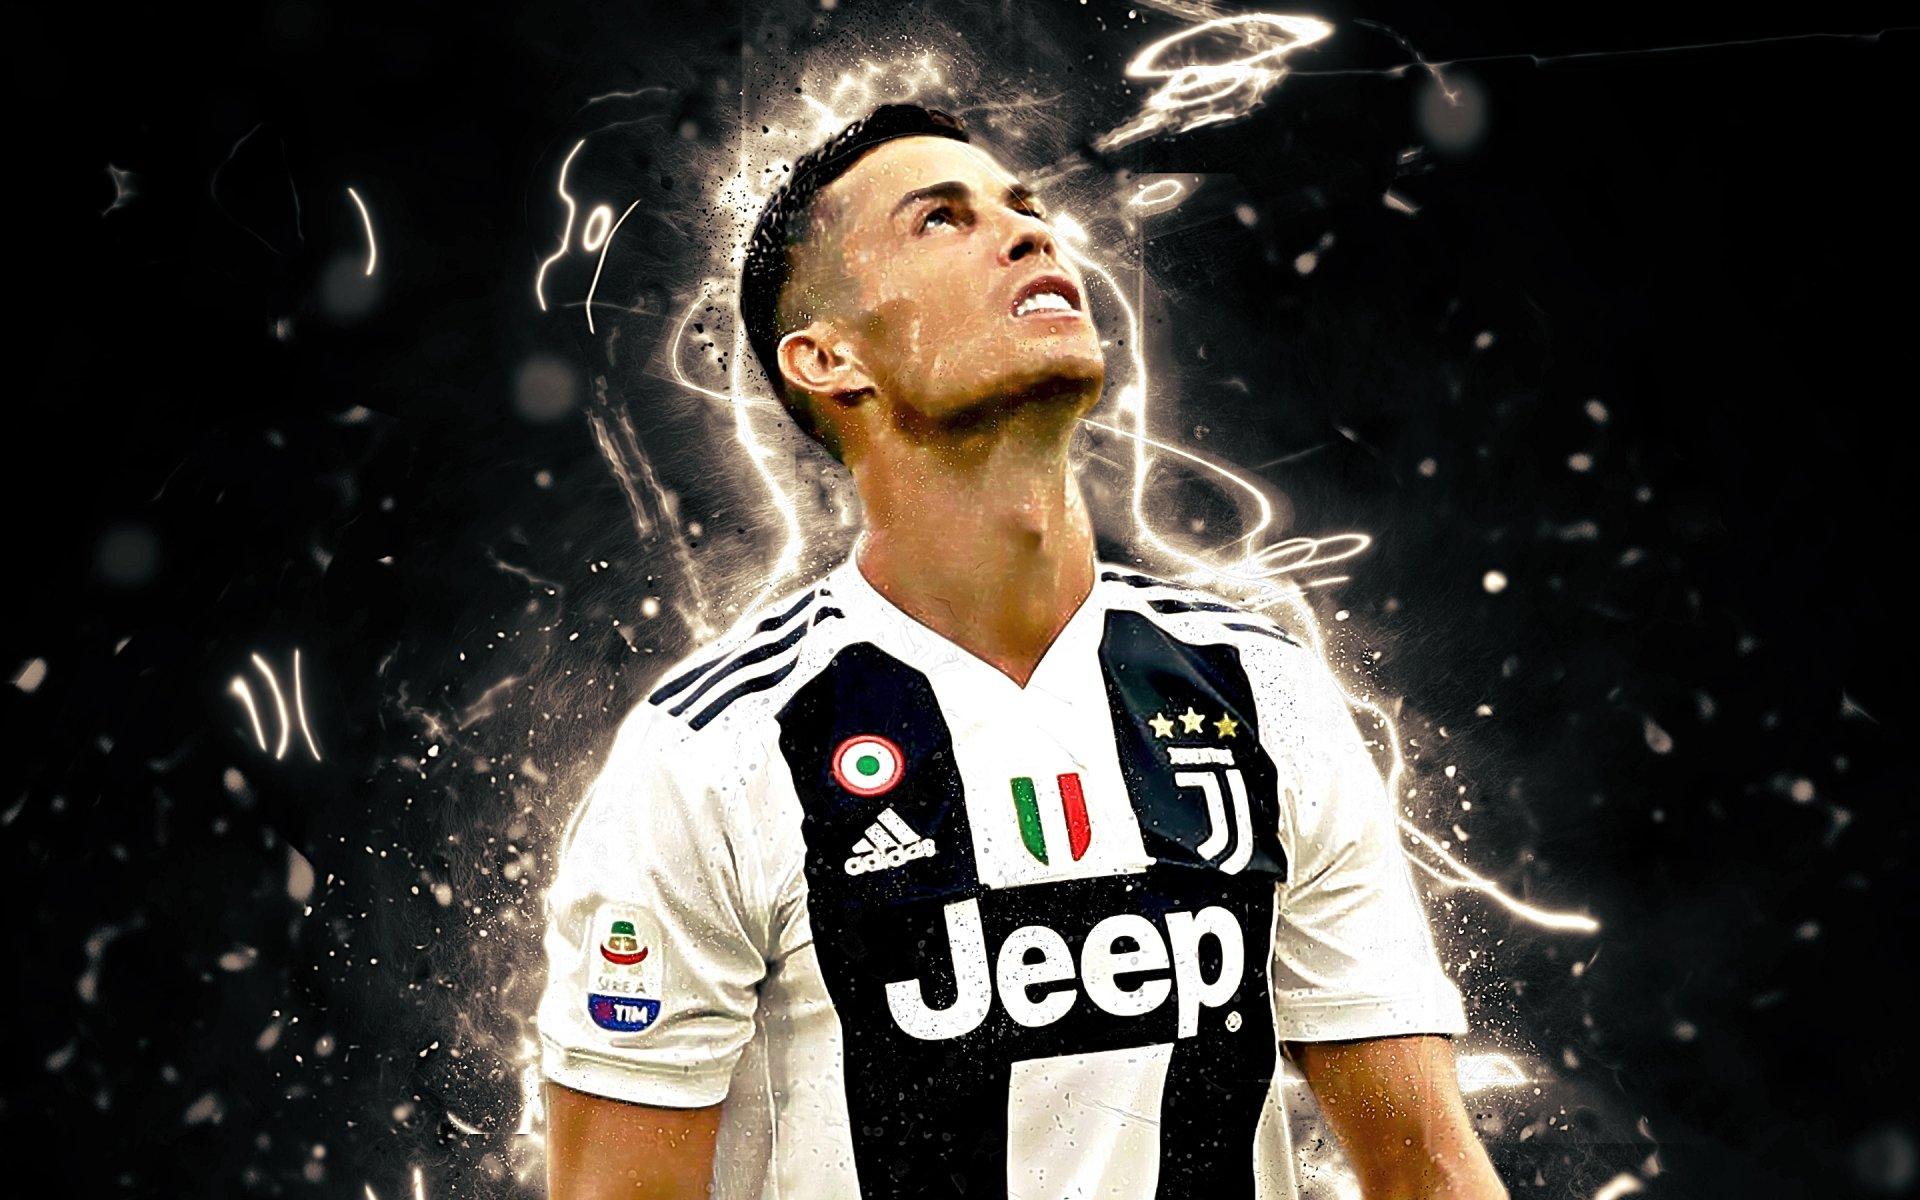 Fondos De Pantalla De Cristiano Ronaldo: Cristiano Ronaldo - Juventus Fondo De Pantalla HD